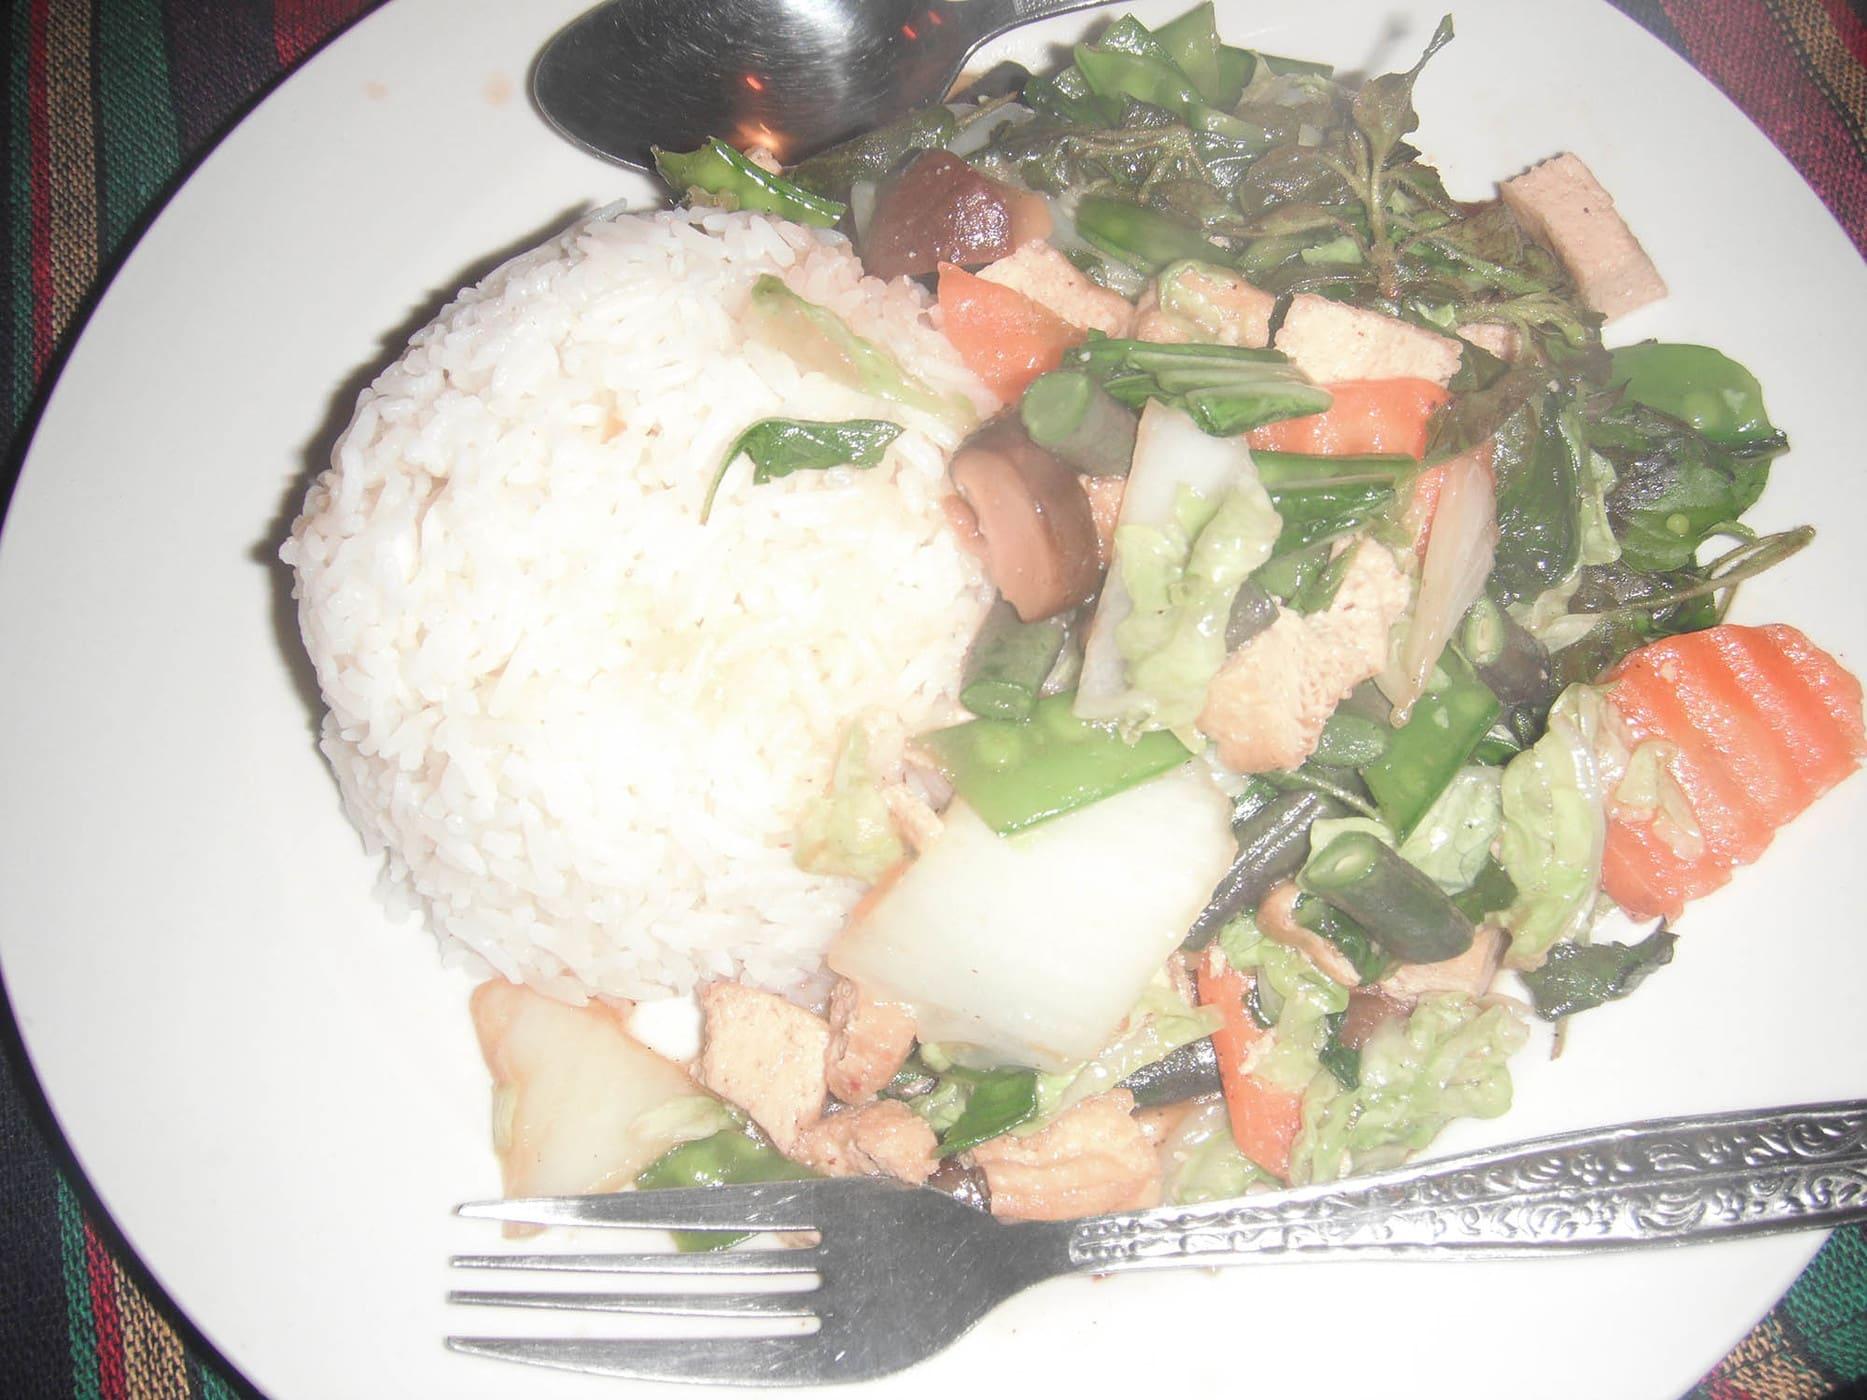 Vegetarian dinner in Vang Vieng, Laos.